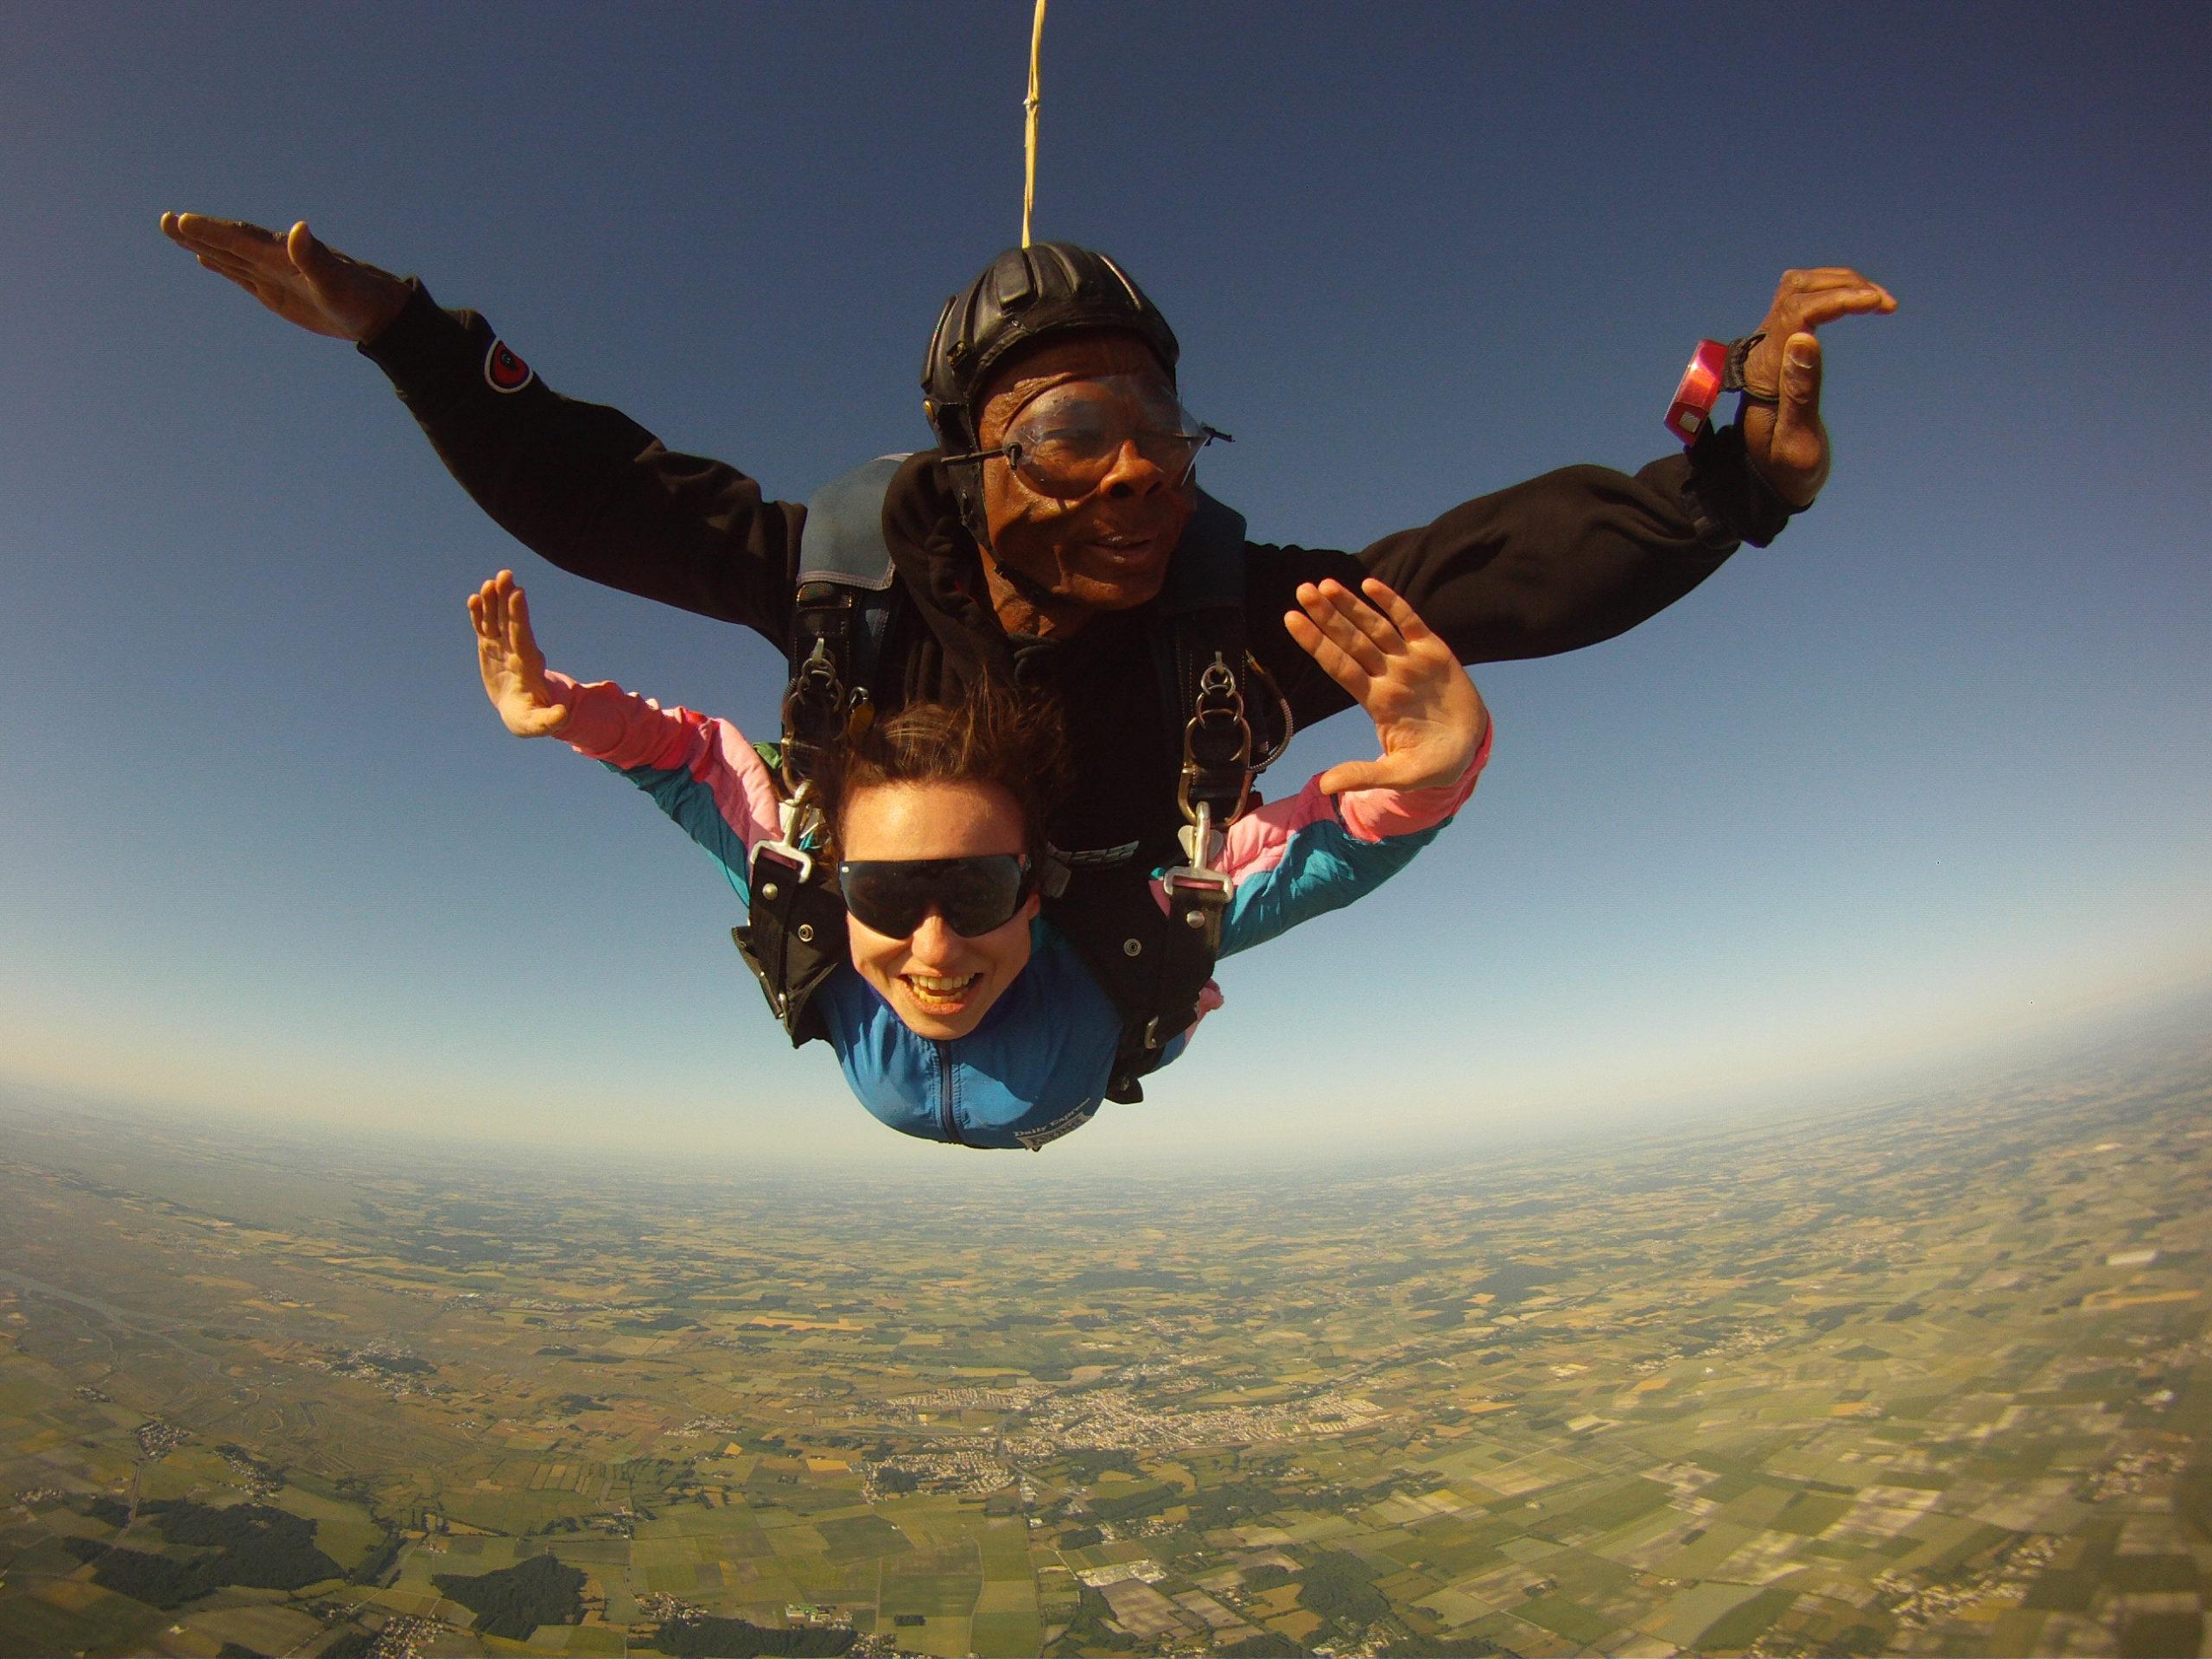 free-fall tandem skydive